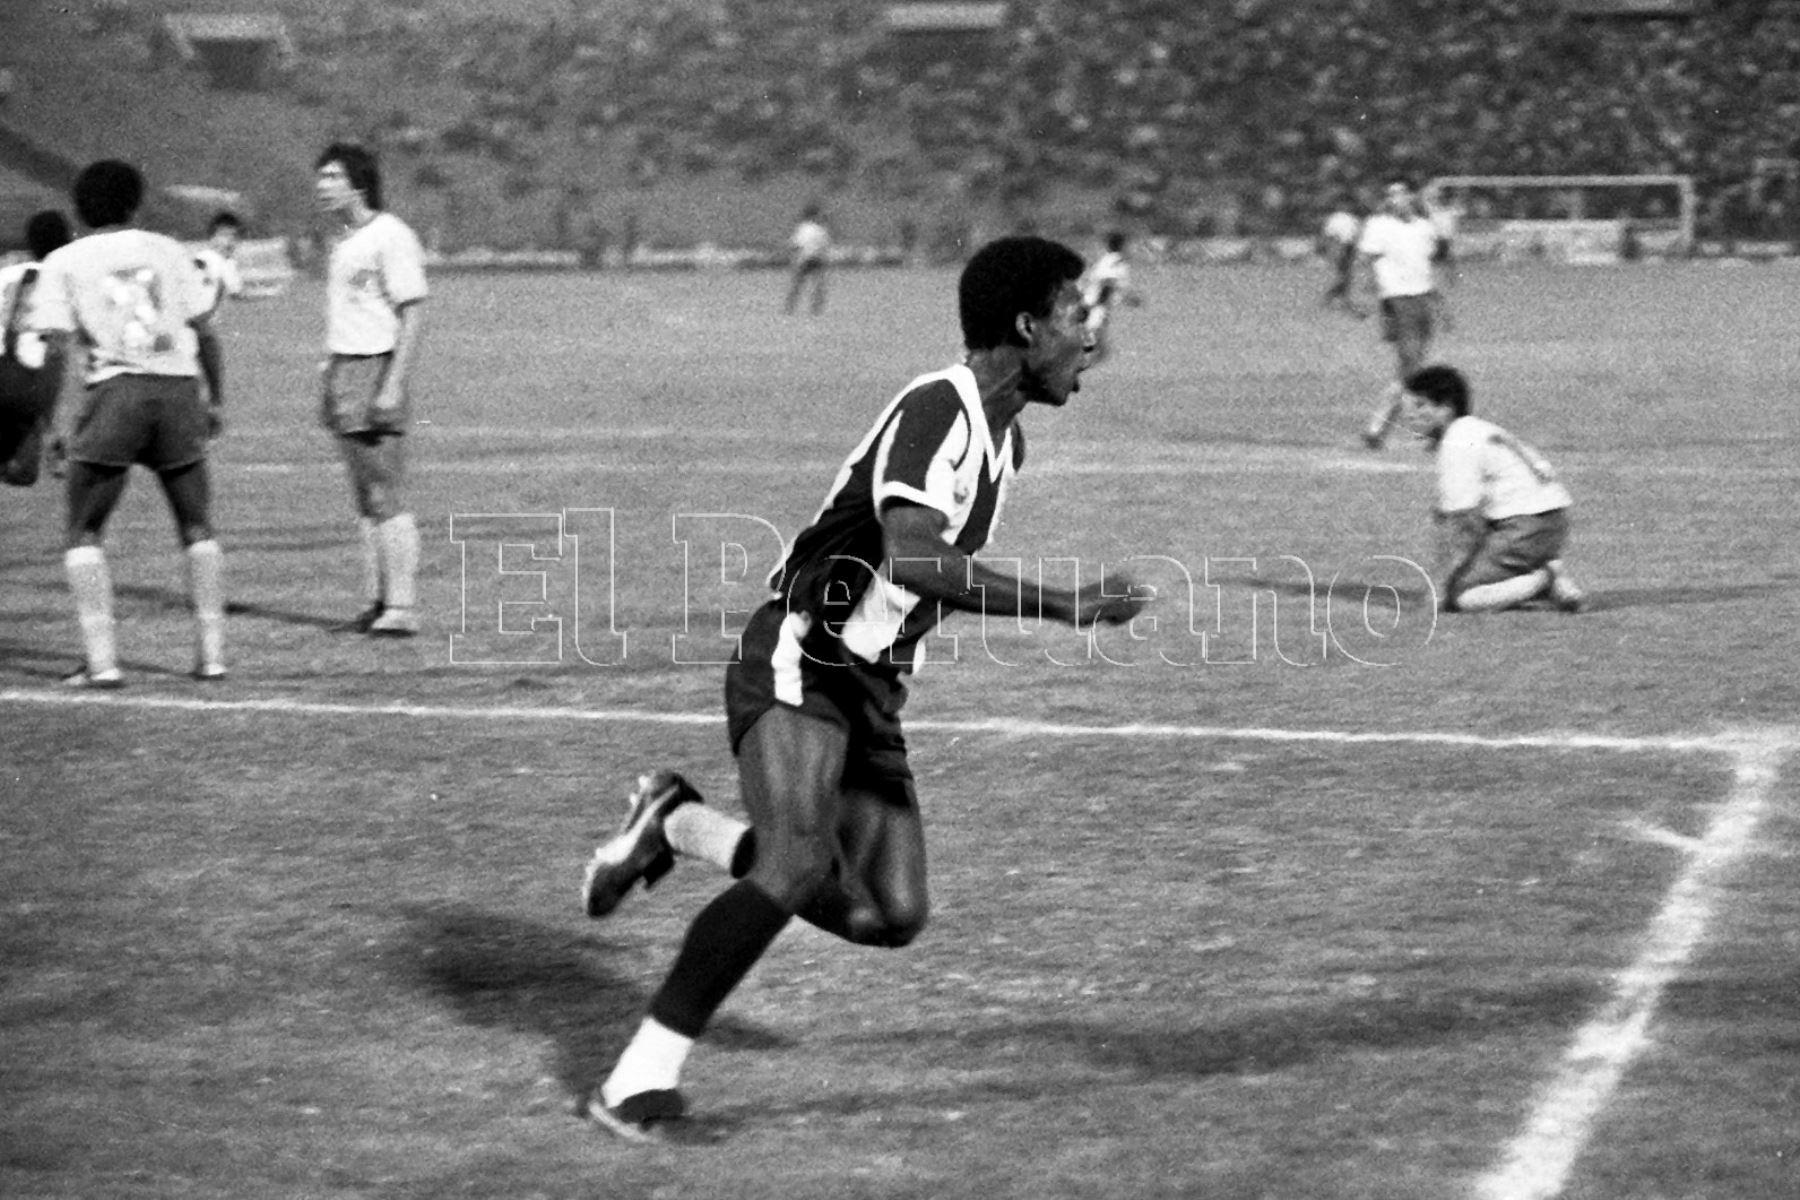 Lima - 15 julio 1987 / El delantero Luis Escobar anota un gol en el partido en que  Alianza Lima superó a San Agustín en el estadio Alejandro Villanueva por el torneo descentralizado.